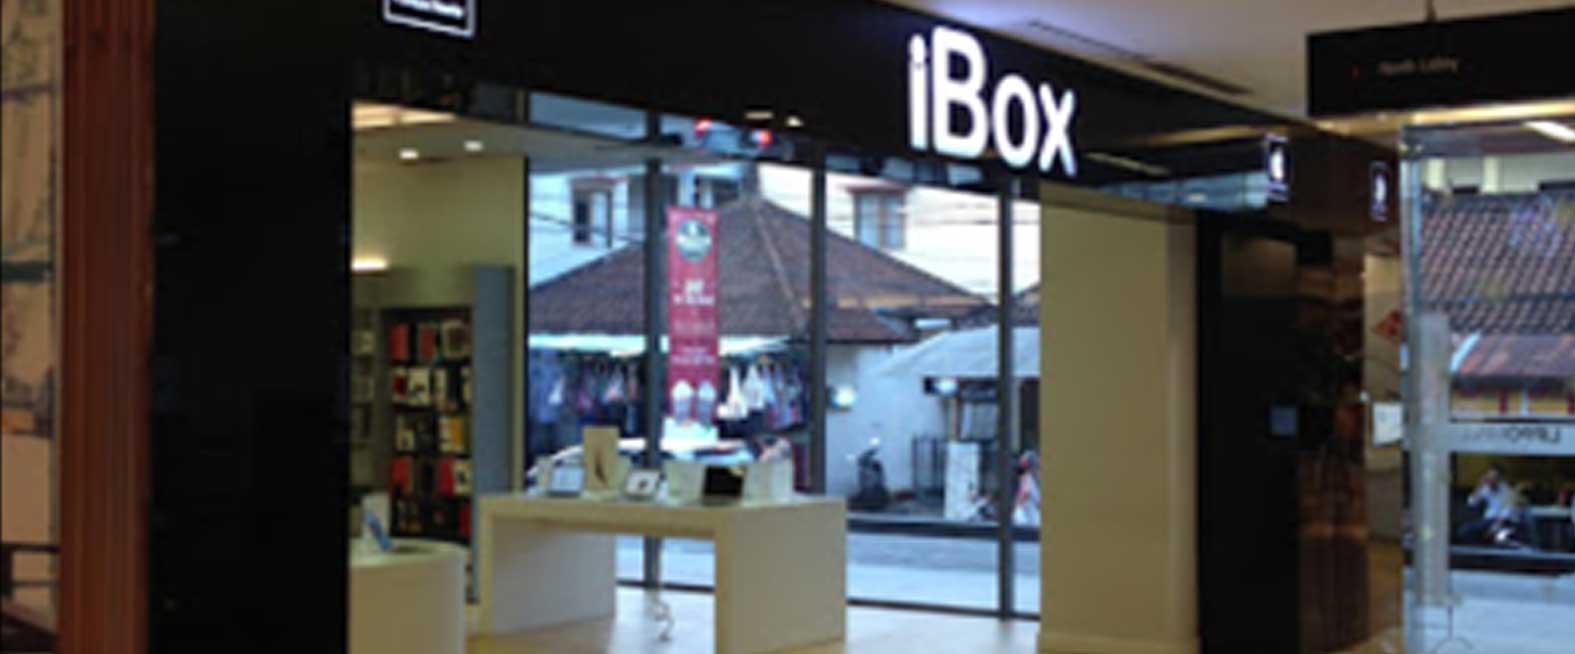 iBox - Lippo Mall